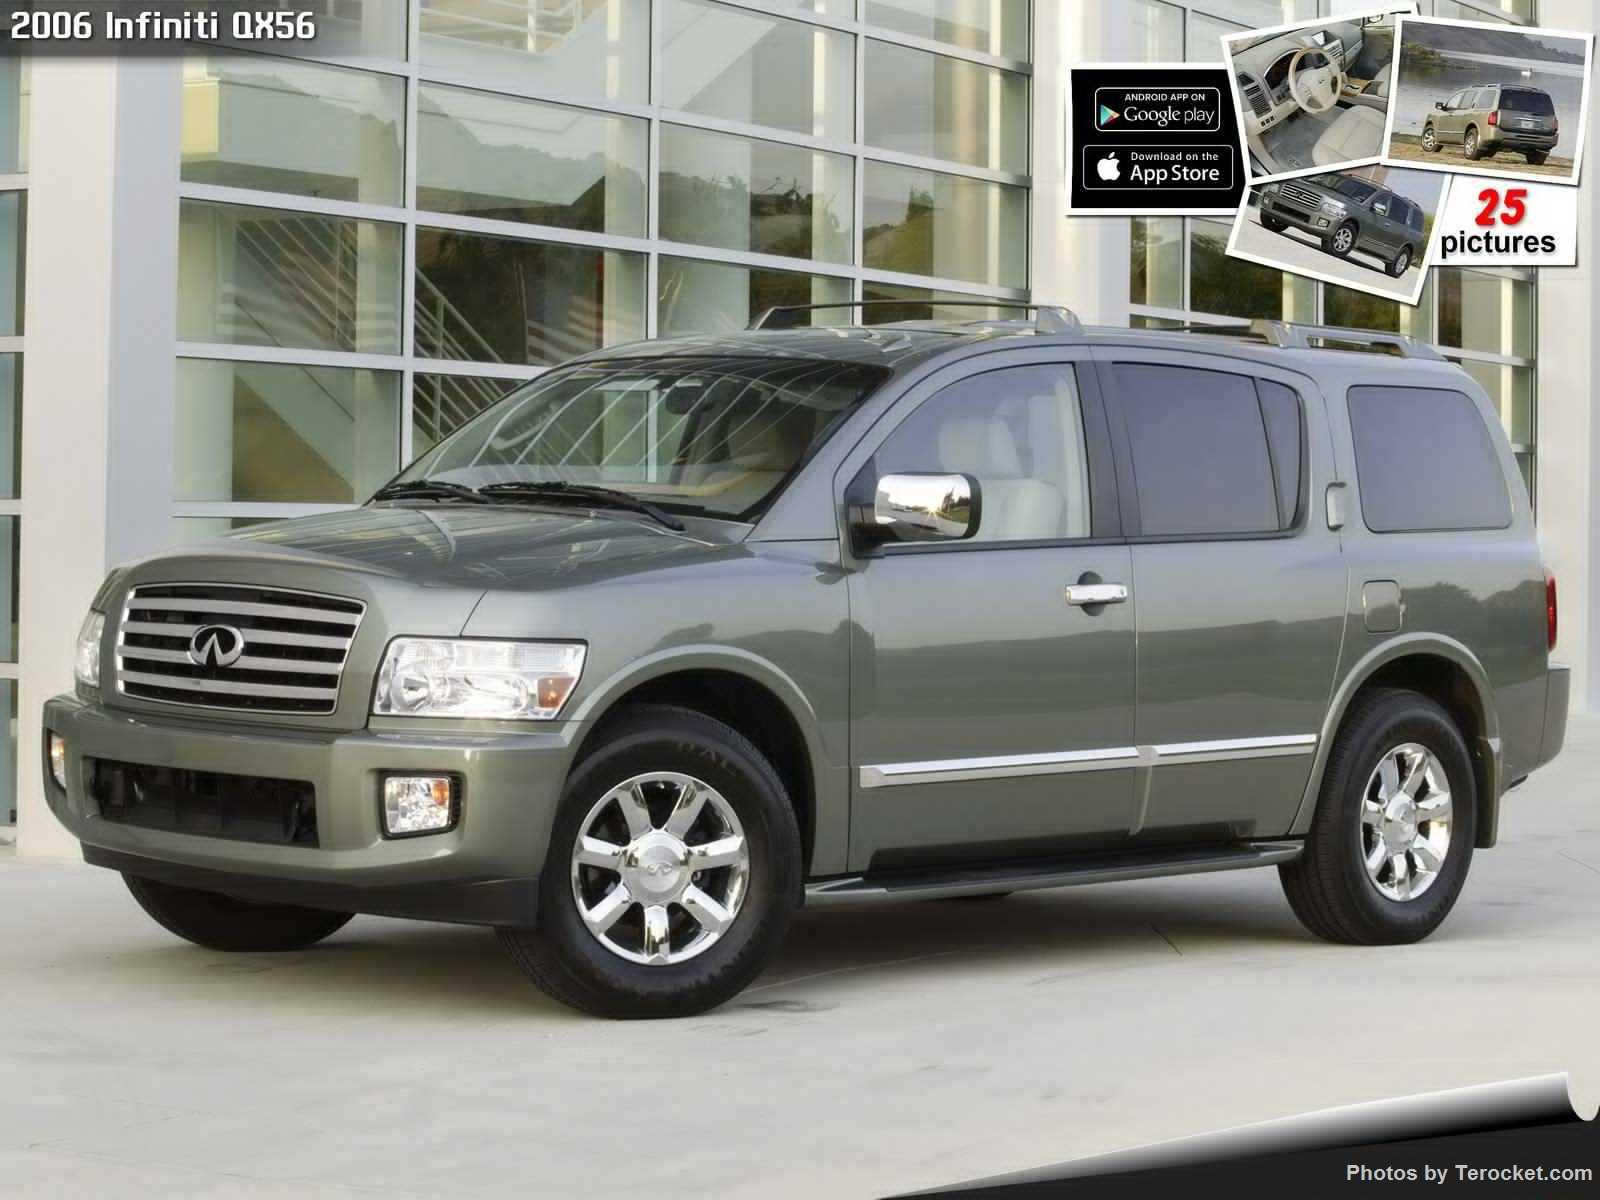 Hình ảnh xe ô tô Infiniti QX56 2006 & nội ngoại thất